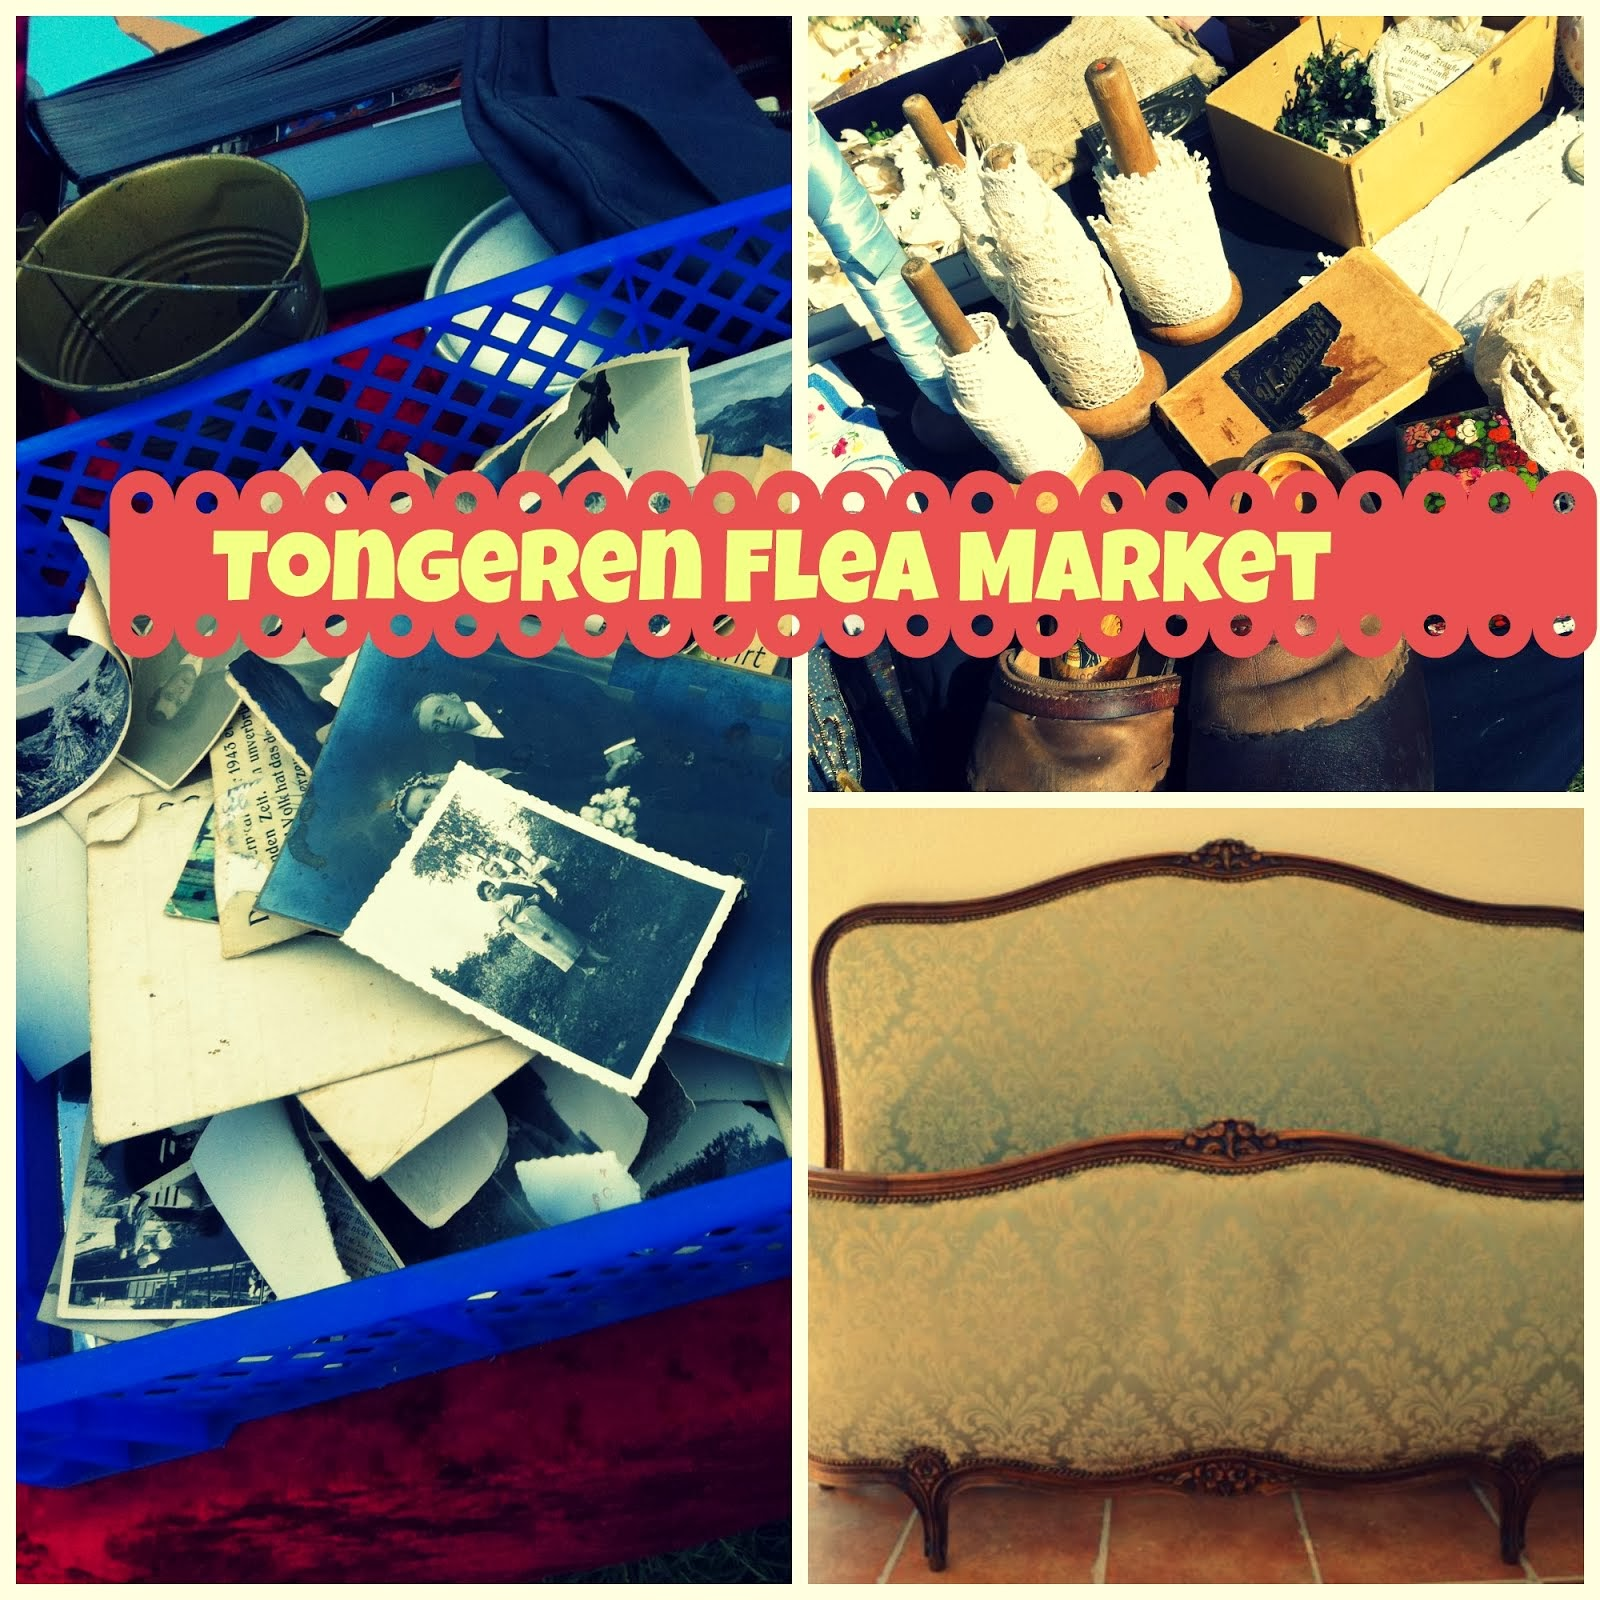 Tongeren Flea Market 2.5 hour drive